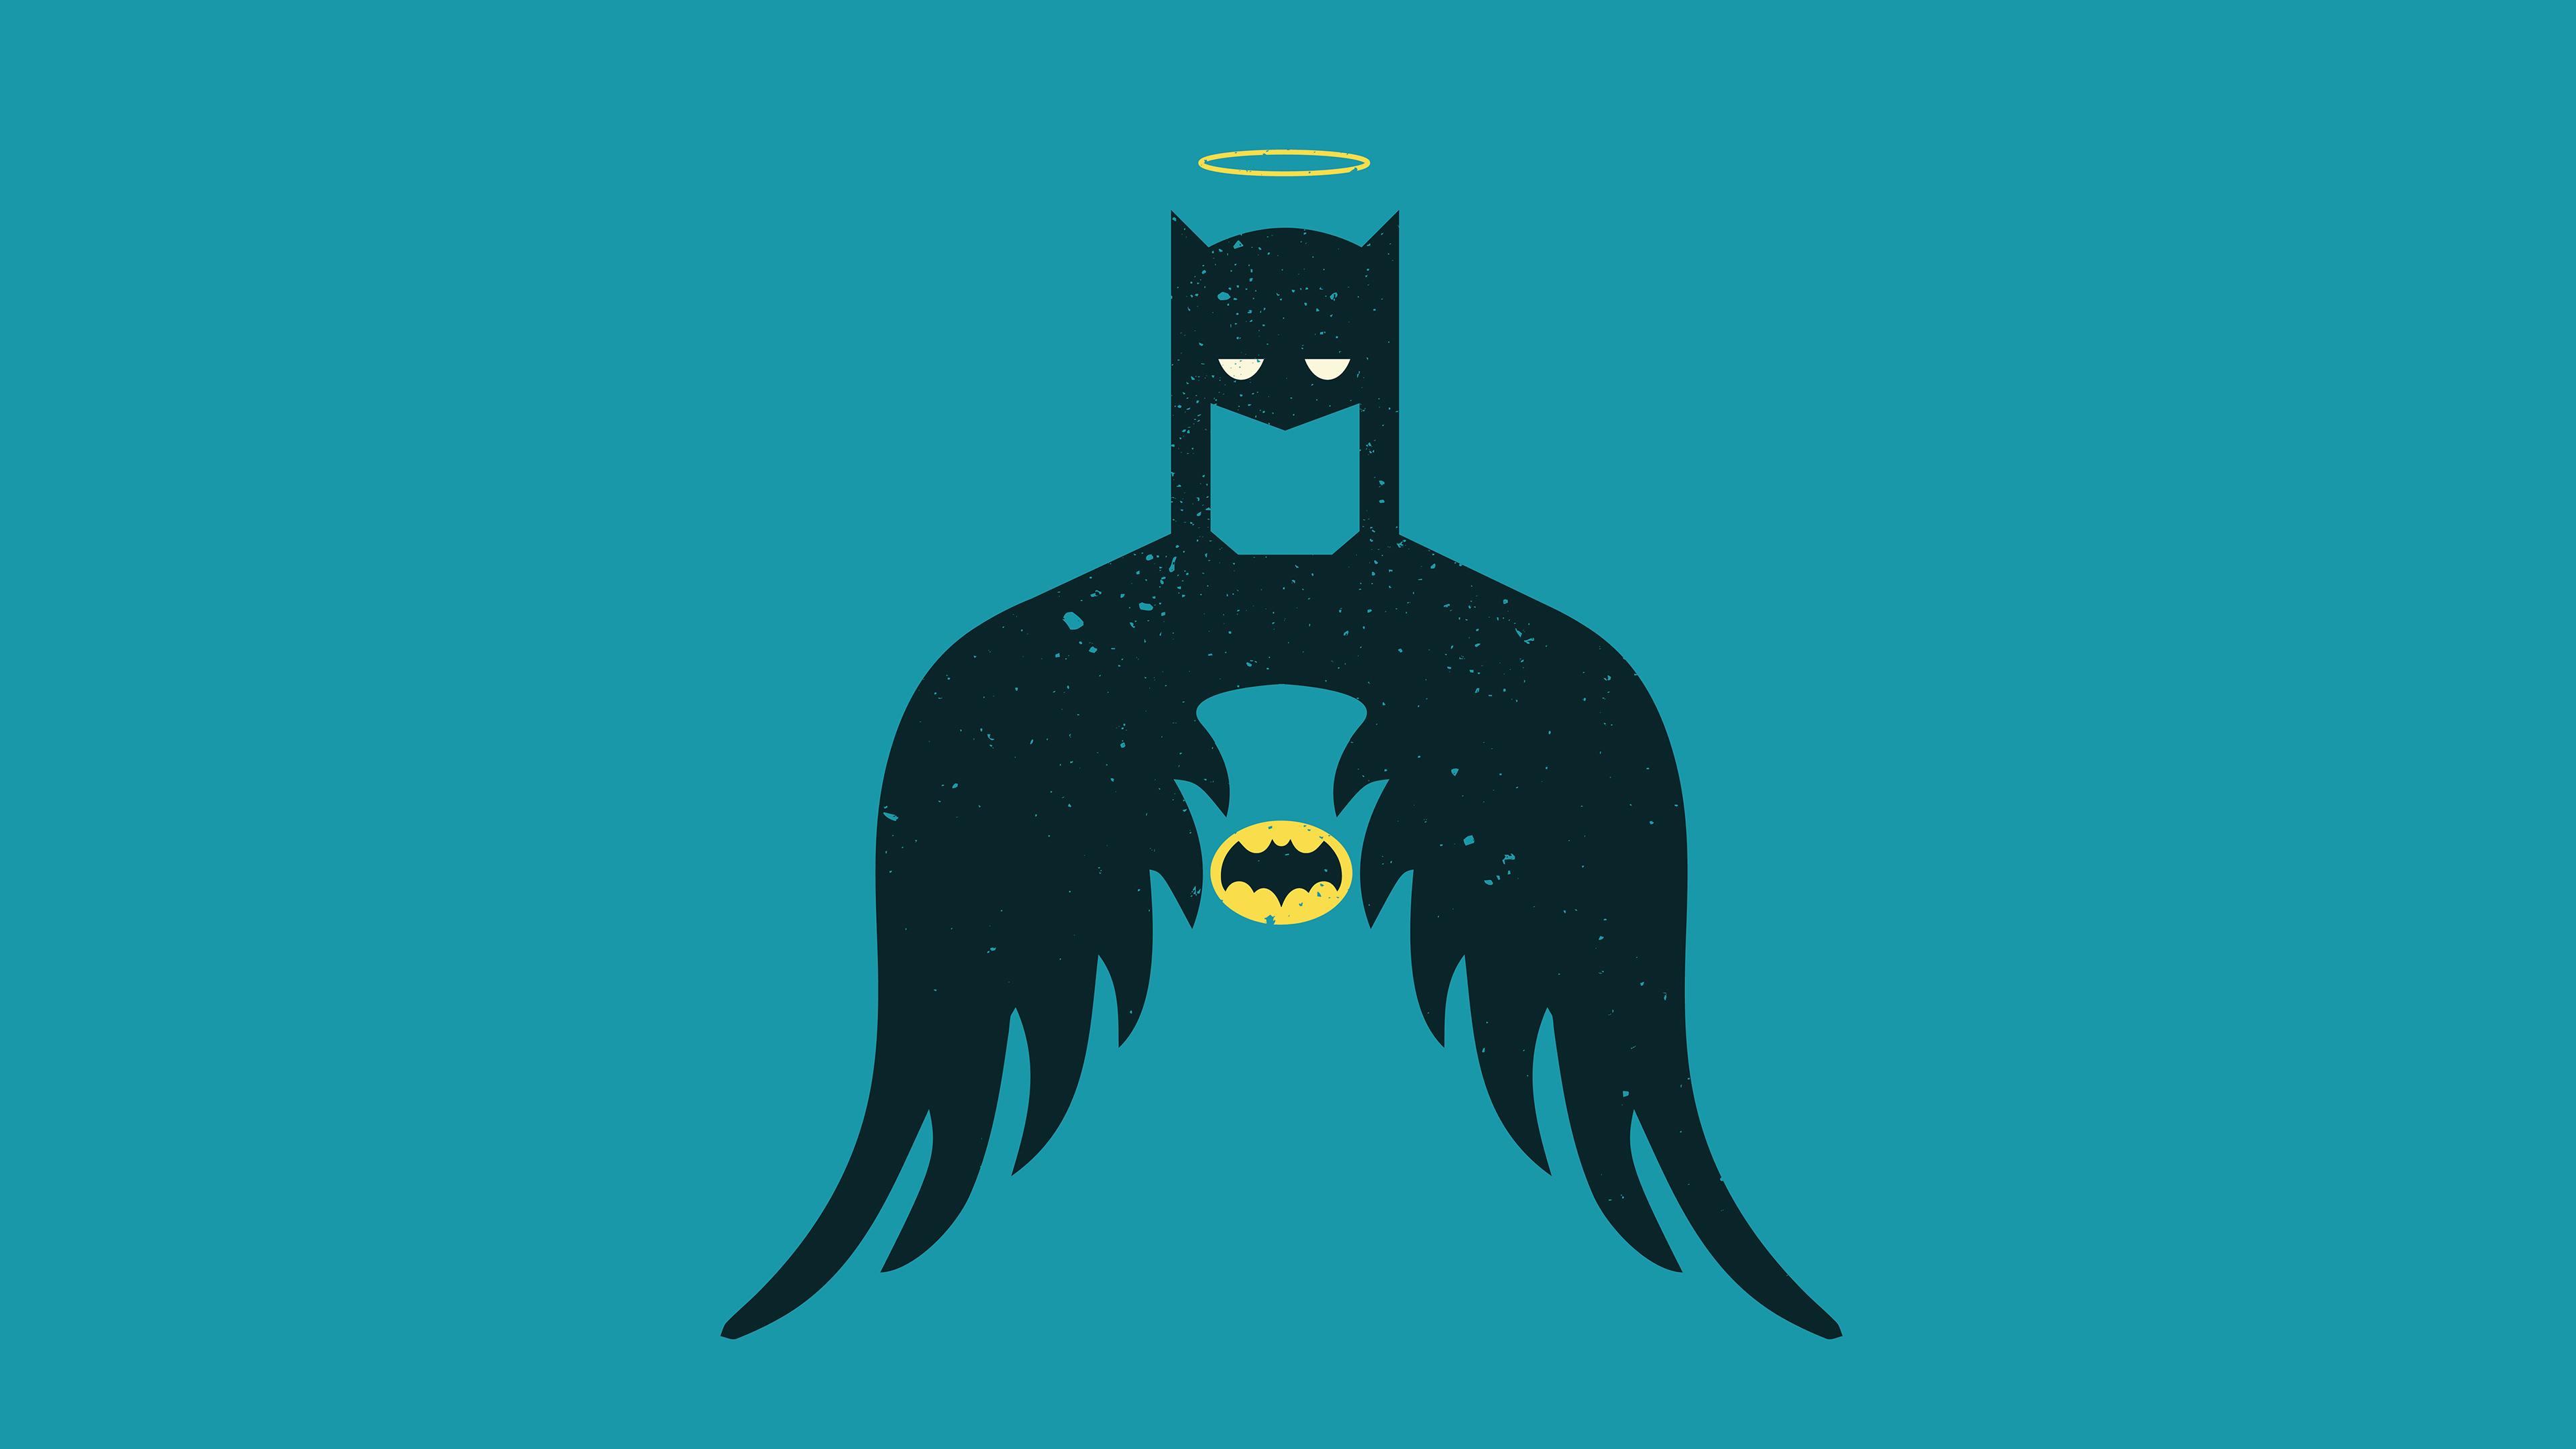 Batman Dc Comics Minimalist 3840x2160